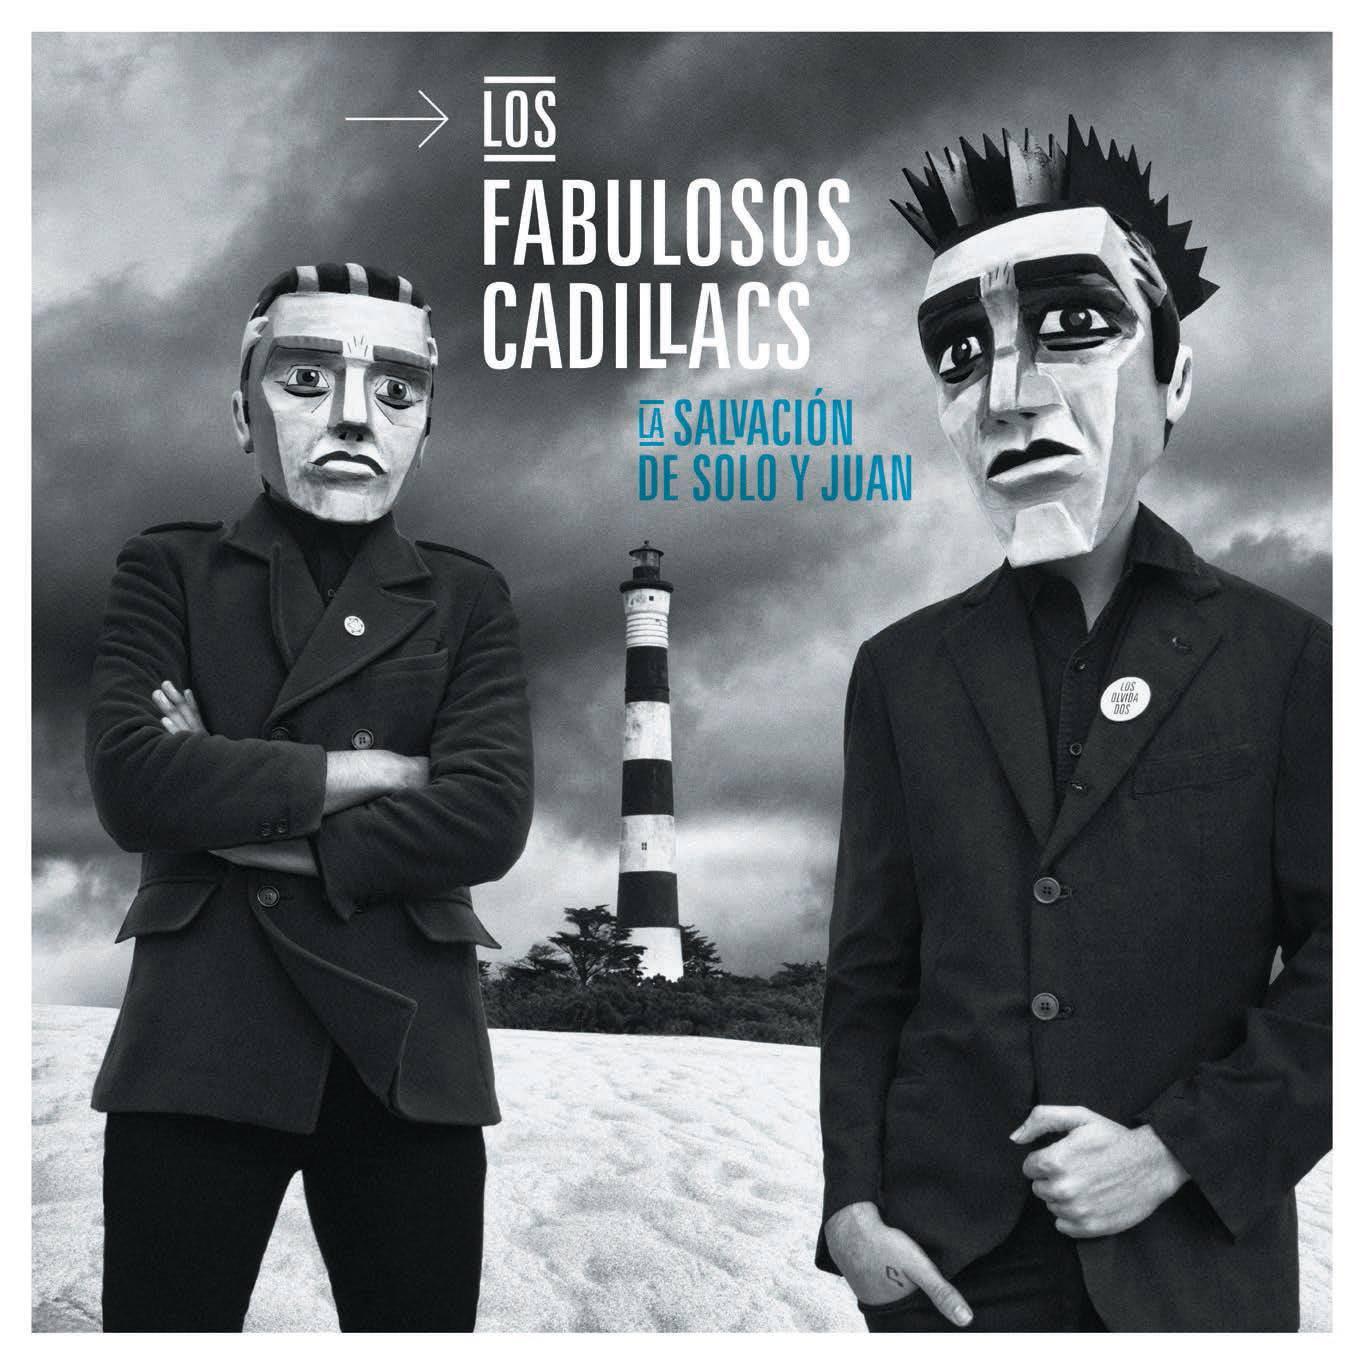 los_fabulosos_cadillacs_la_salvacion_de_solo_y_juan